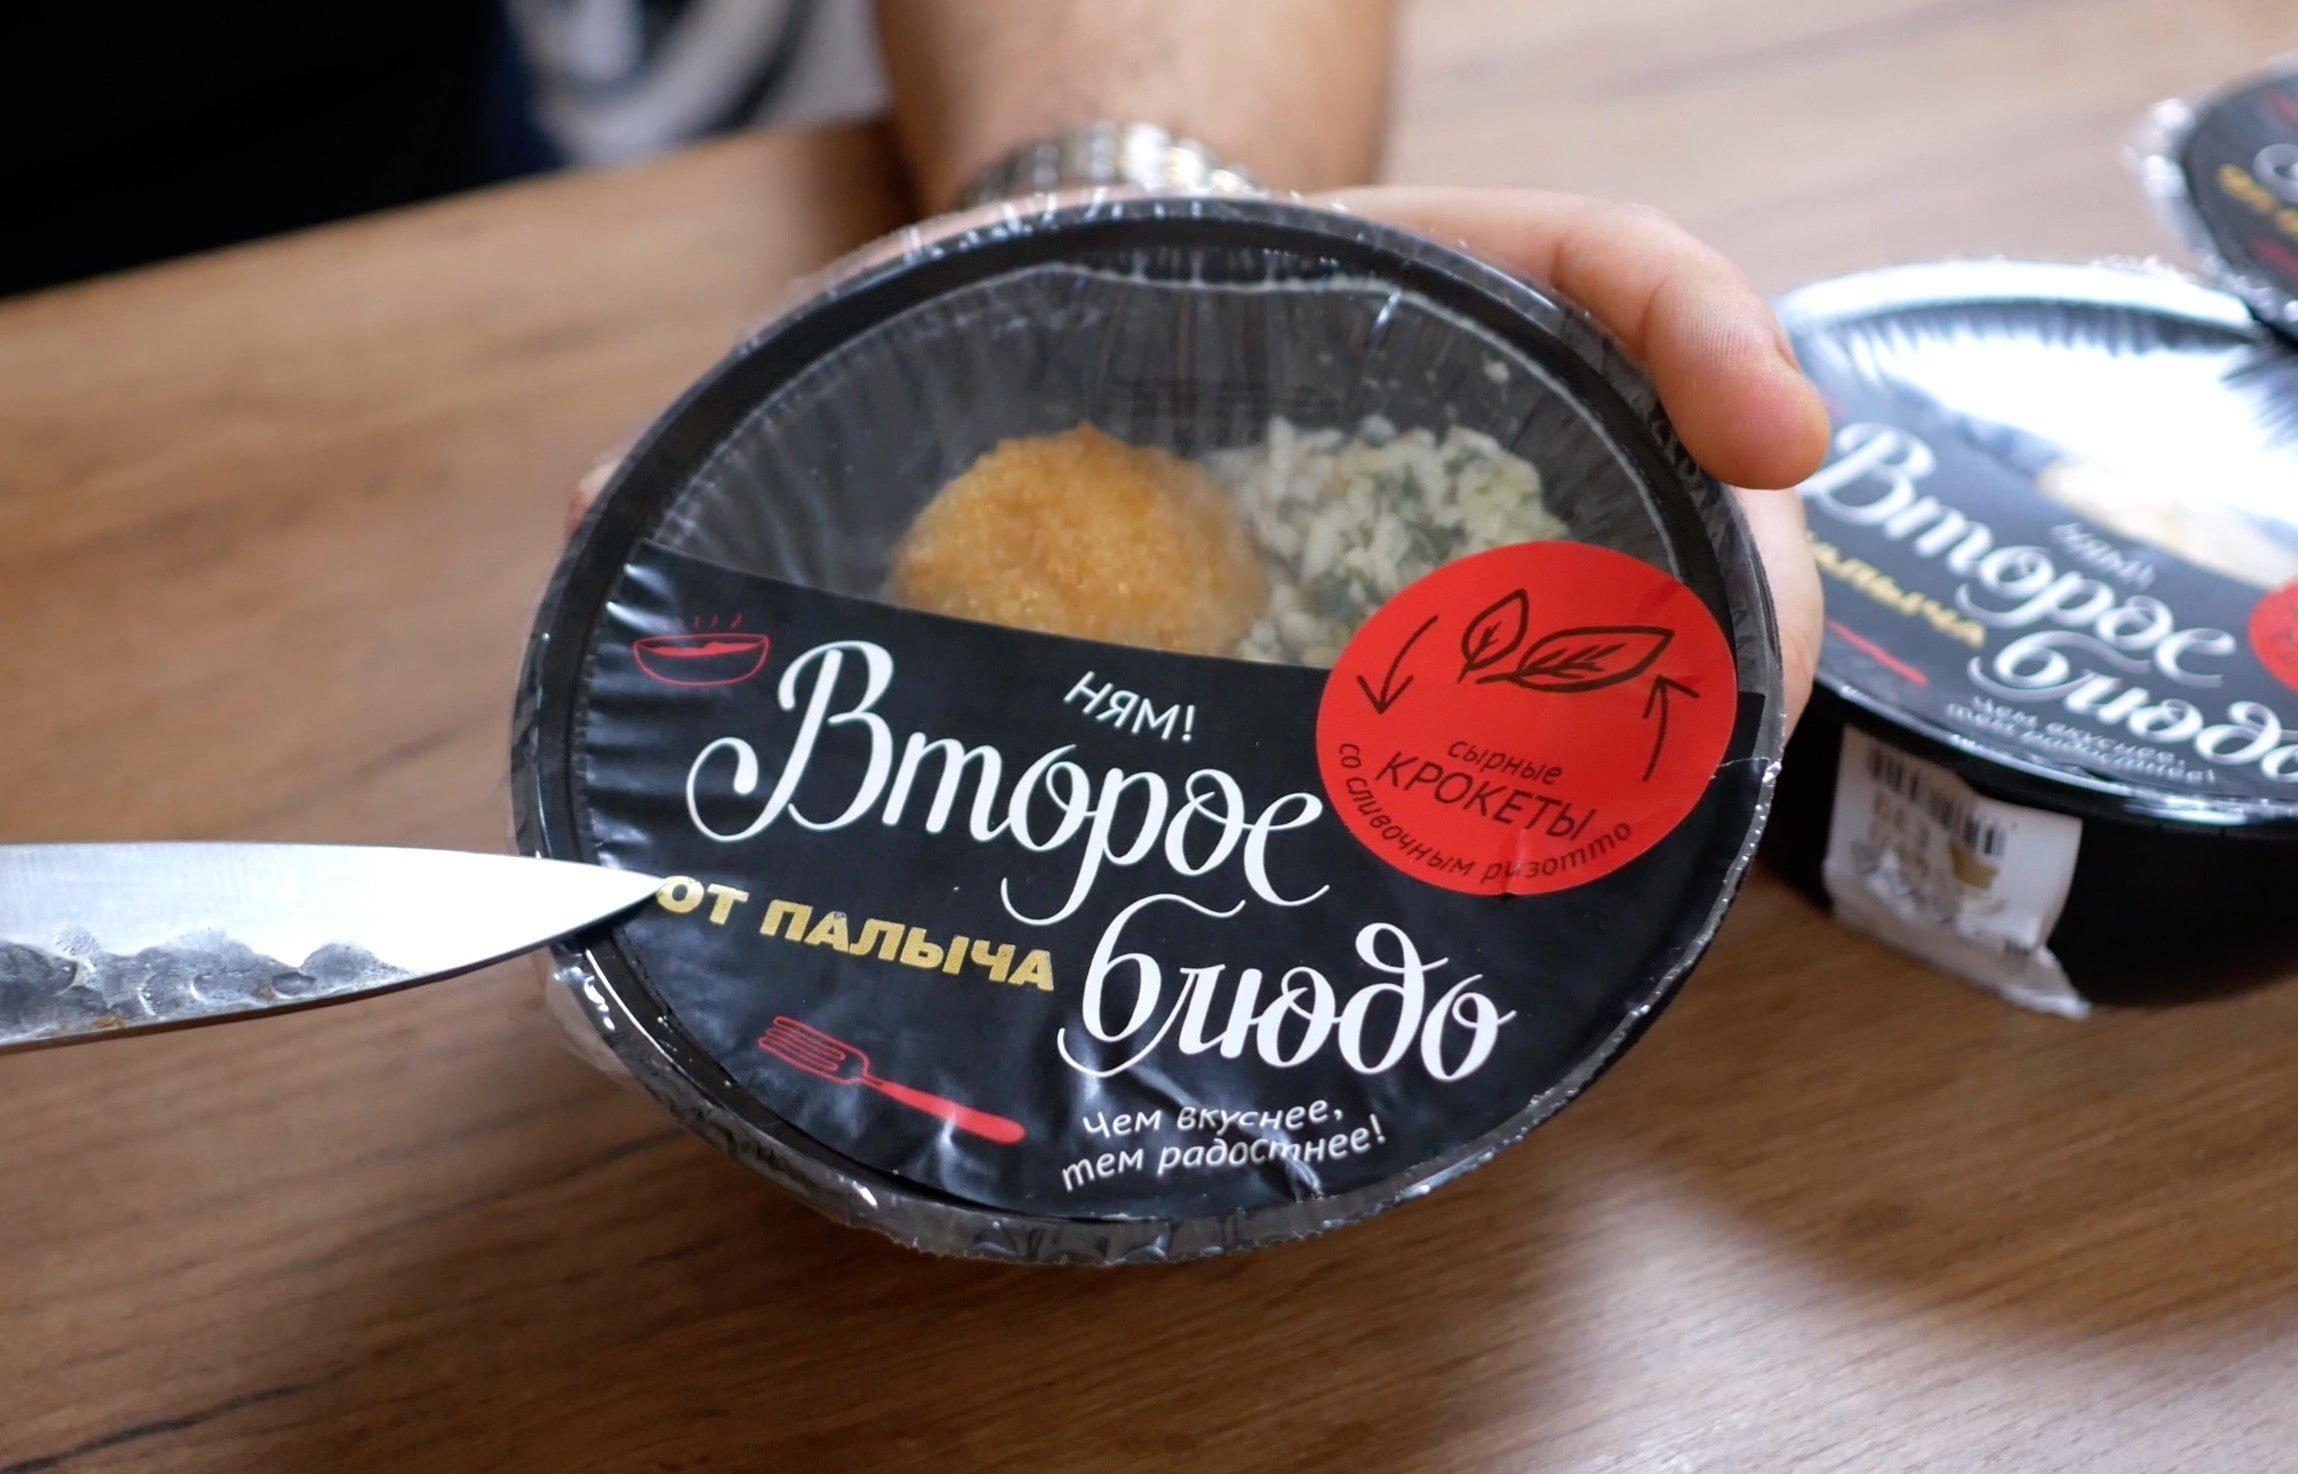 дизайн упаковки вторые блюда от палыча